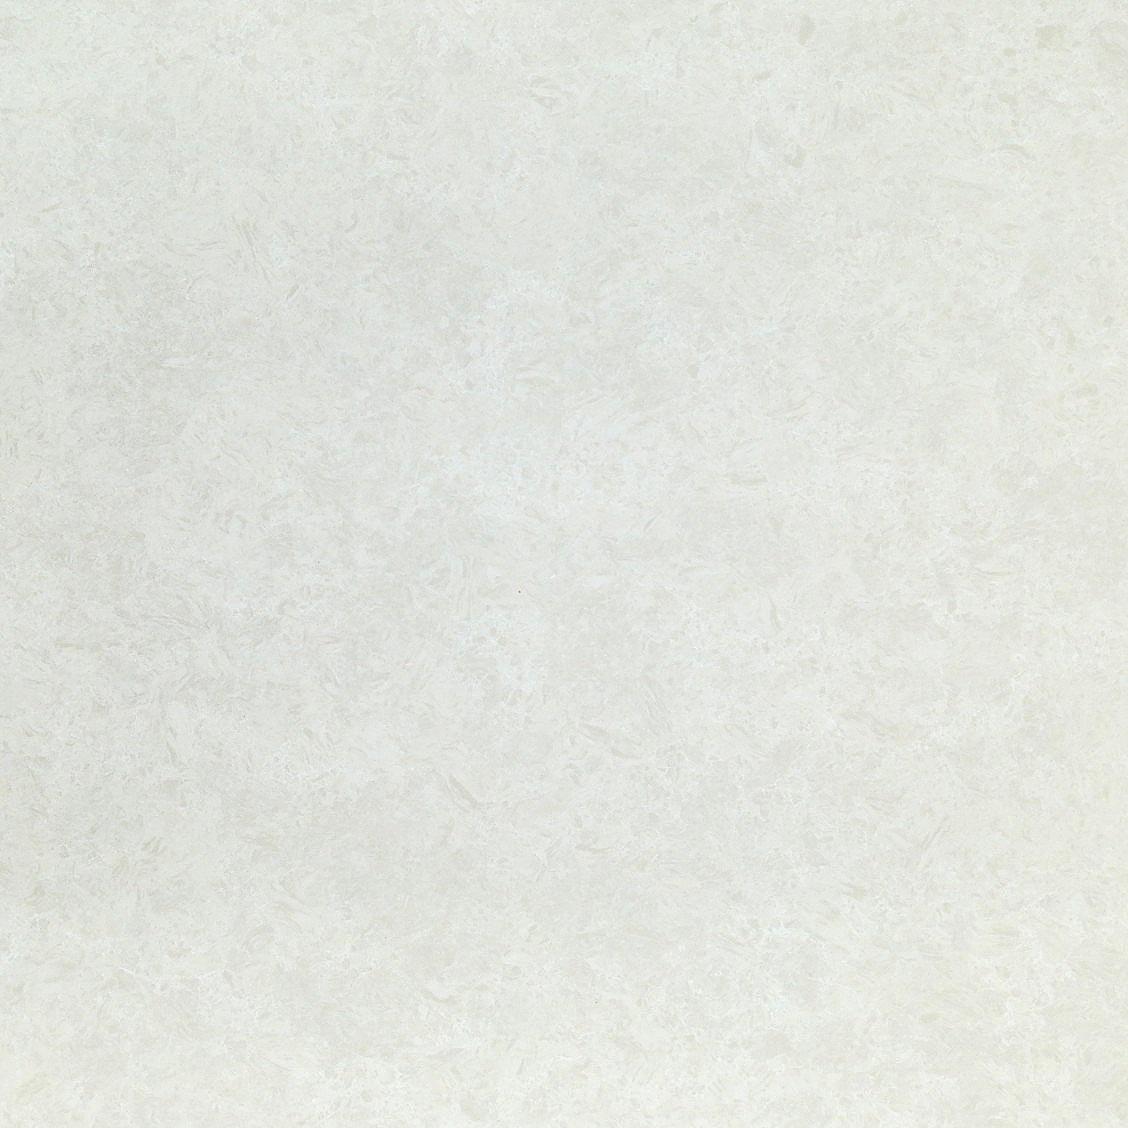 600X600 Tulip White polished porcelain Image